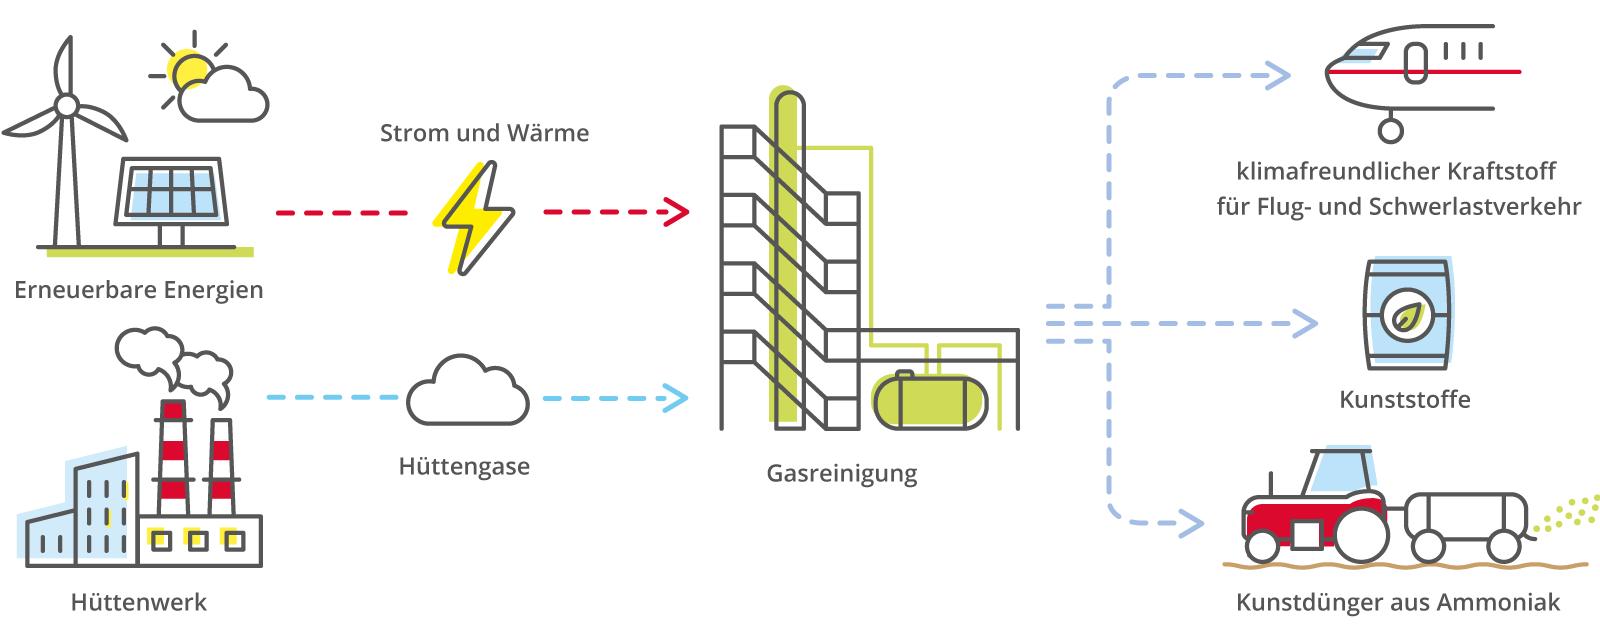 Die Grafik zeigt den Carbon2Chem-Prozess. Eine Windkraftanlage, eine Photovoltaikanlage und eine Sonne mit einer Wolke symbolisieren die Erzeugung von erneuerbarer Energie, ein roter Pfeil, in der Mitte unterbrochen von einem gelben Stromblitz, zeigt auf die Darstellung der Gasreinigung. Darunter ist ein Fabrikgebäude mit rauchendem Schlot zu sehen. Sie steht für das Hüttenwerk. Ein blauer Pfeil mit einer Wolke in der Mitte zeigt ebenfalls auf die Anlage zur Gasreinigung. Von der zeigen drei blaue Pfeile auf verschiedene Grafiken. Einer auf ein Flugzeug, es steht für klimafreundlichen Kraftstoff für Flug- und Schwerlastverkehr. Einer auf einen Kunststoffbehälter und einer auf einen Traktor mit Anhänger, der die Verwendung als Kunstdünger aus Ammoniak symbolisiert.